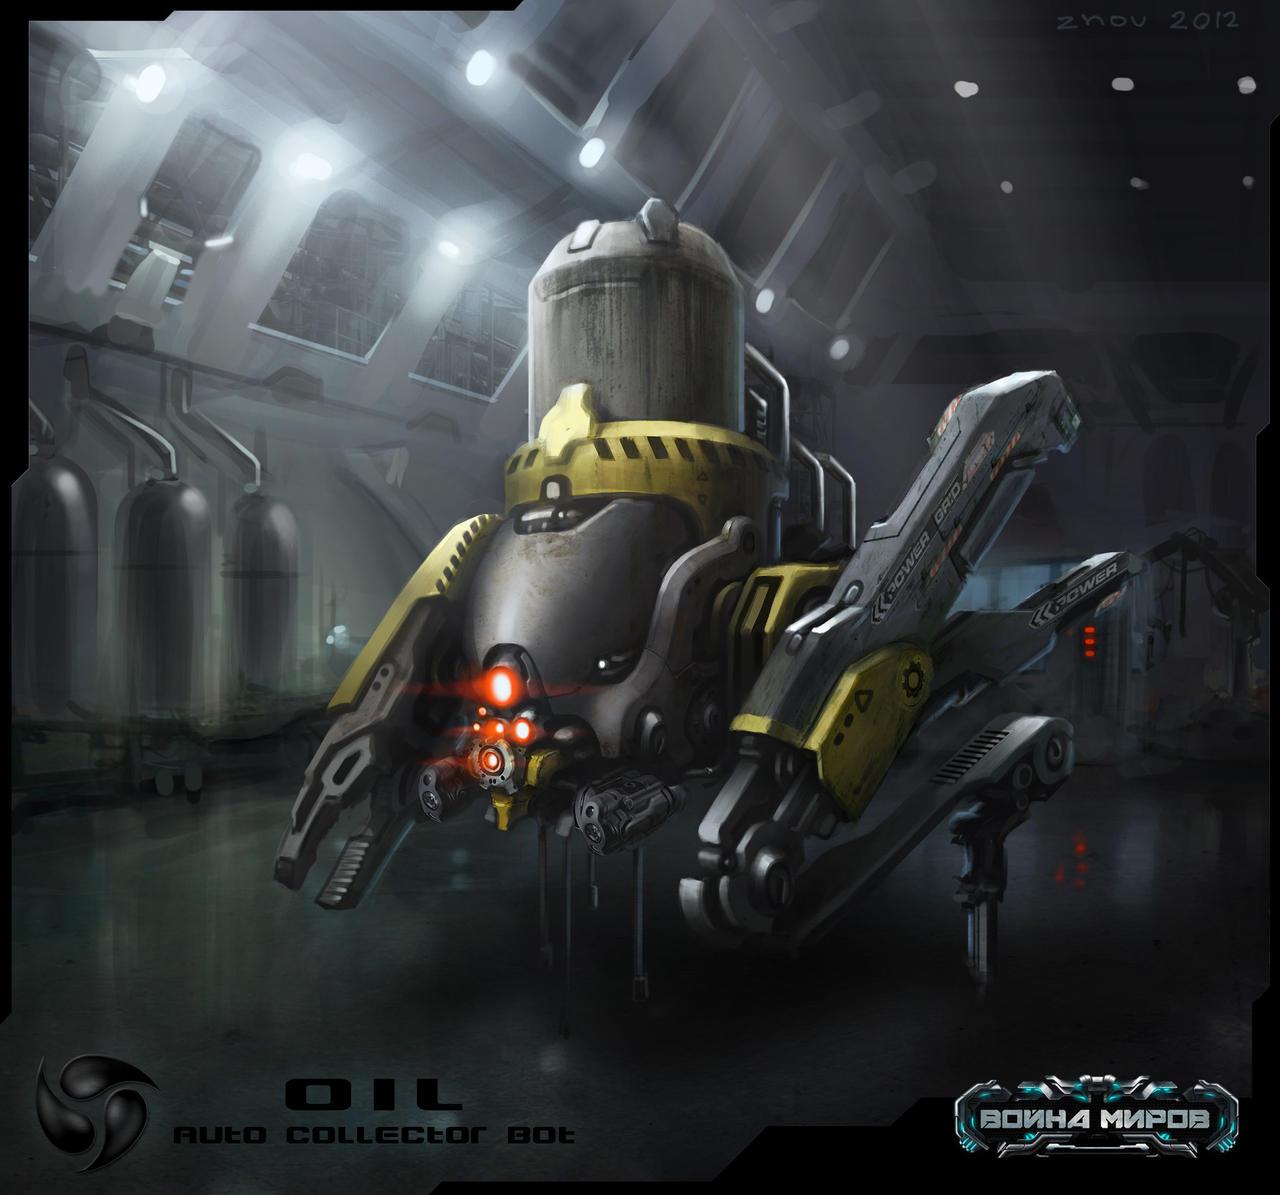 OIL AUTO COLLECTOR by Igor-Zhovtovsky